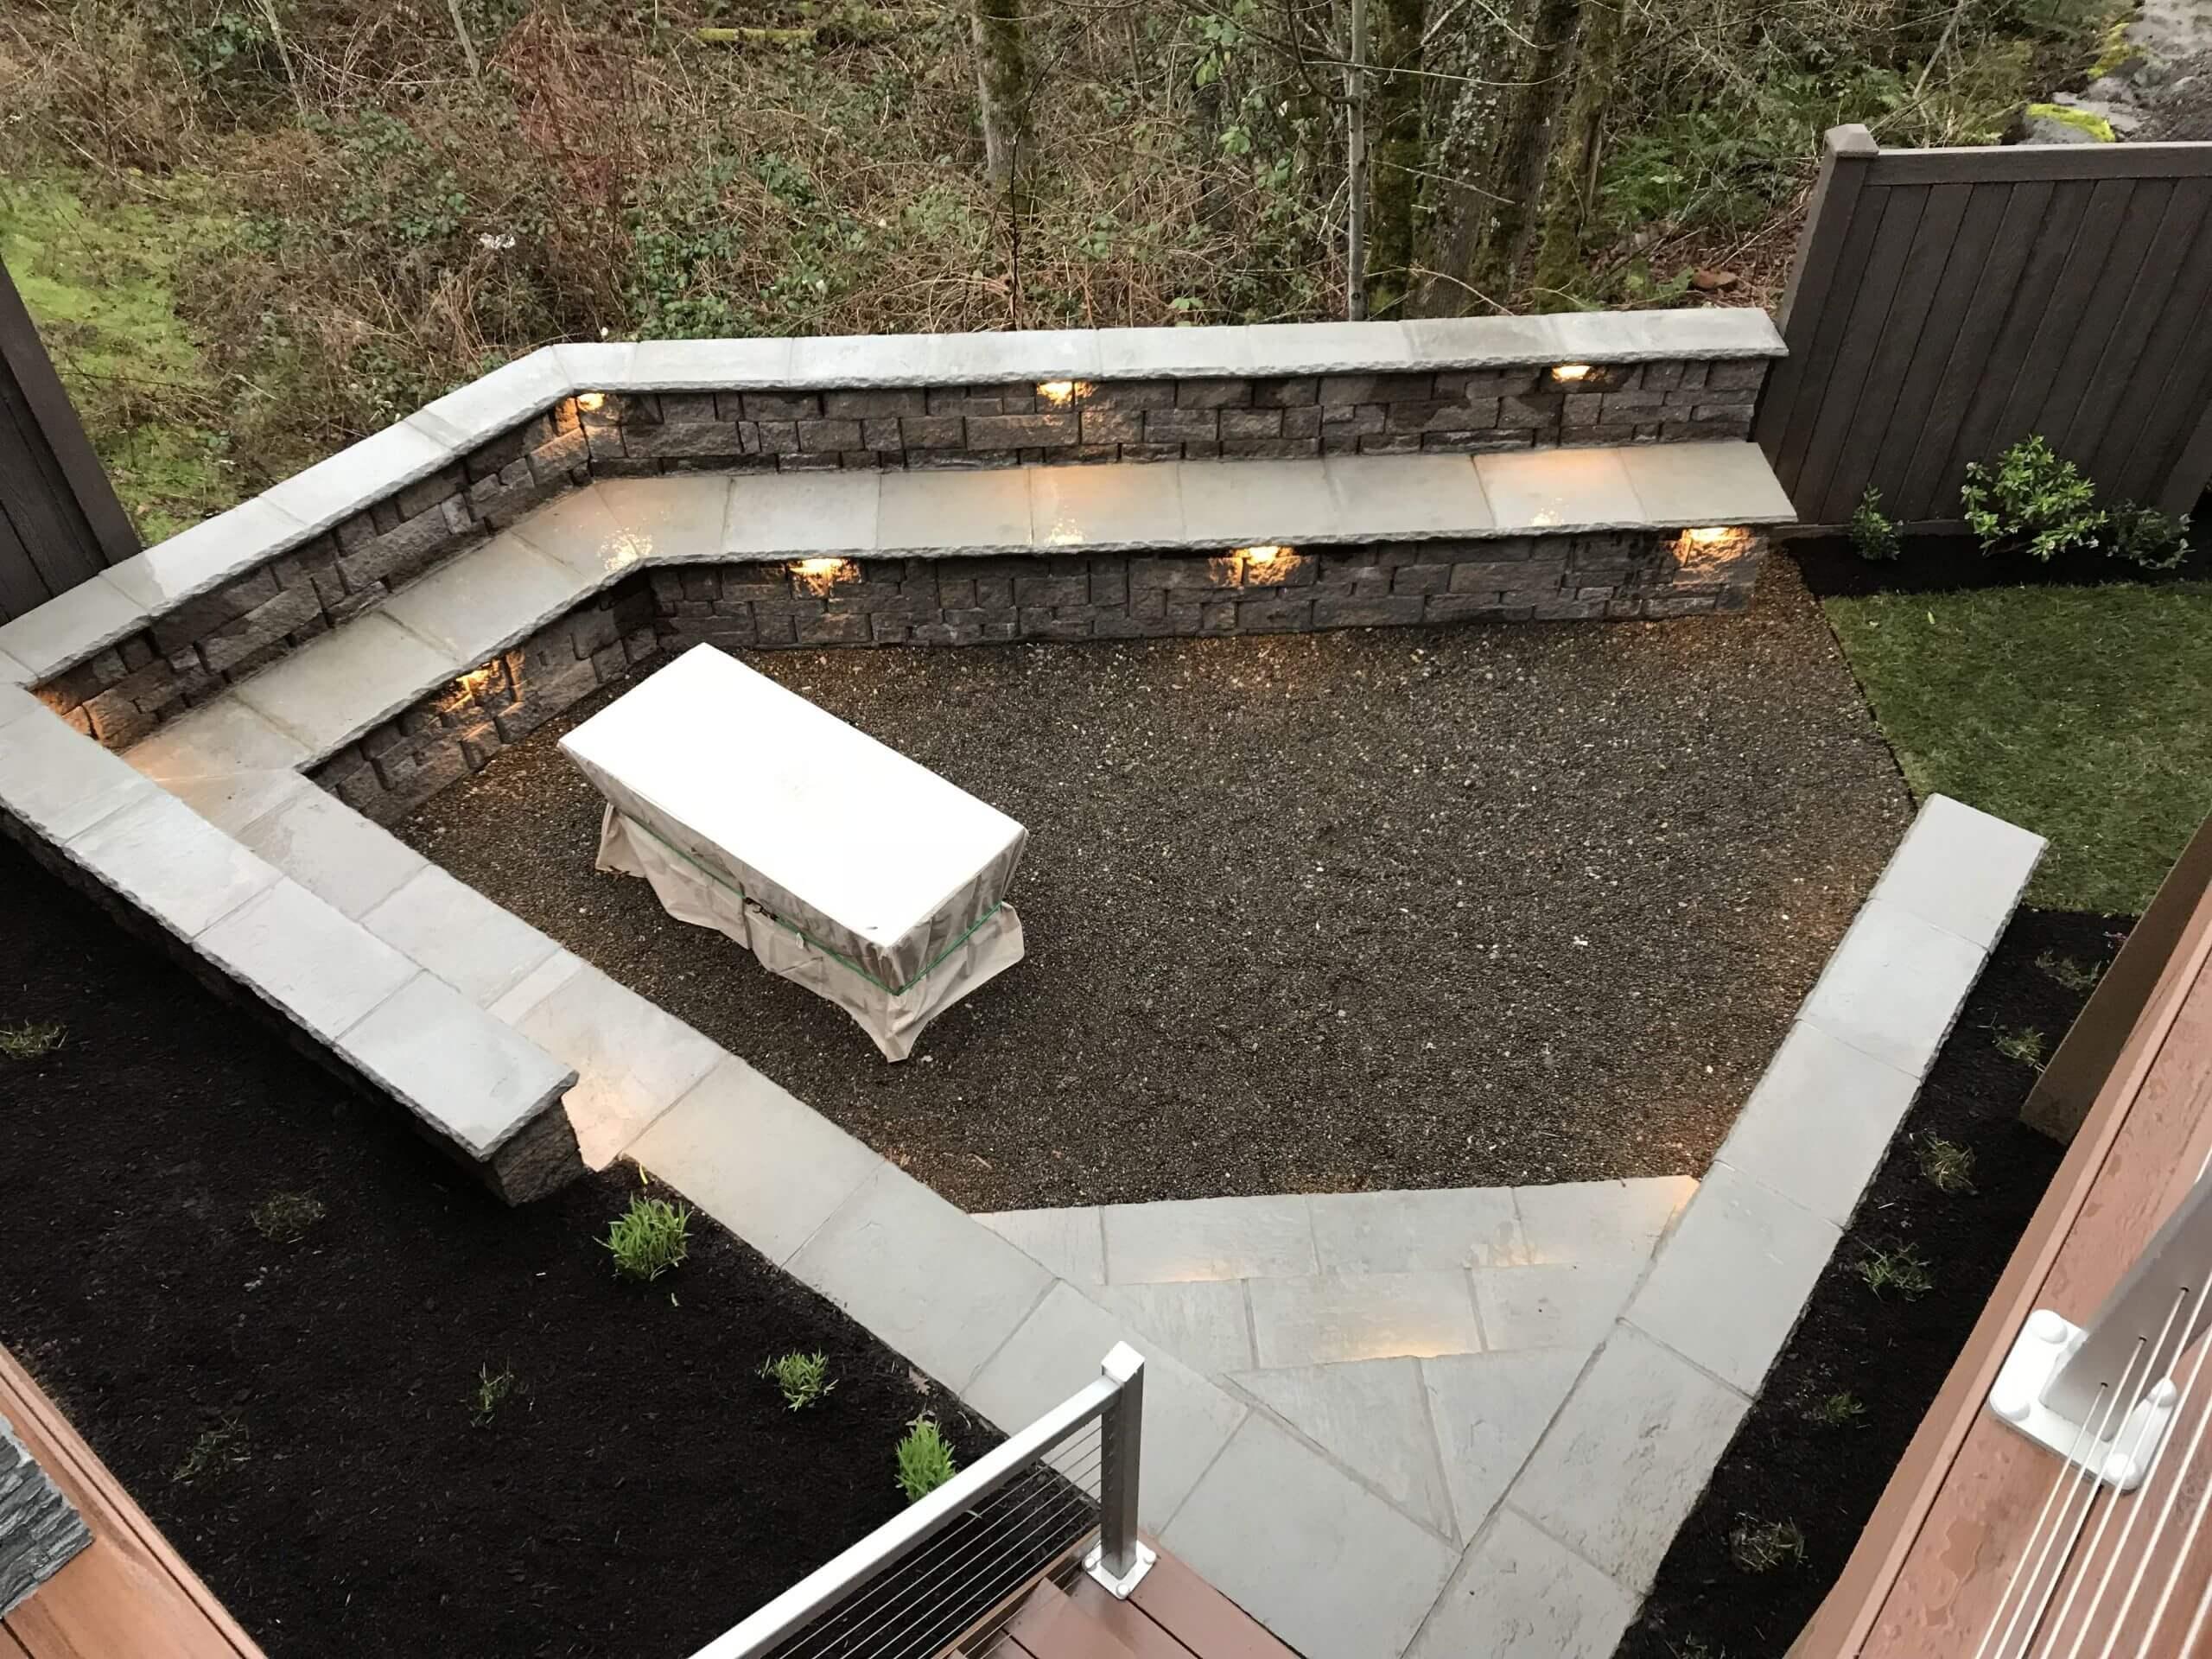 https://shovelandthumb.sfo3.digitaloceanspaces.com/garden walls/garden wall 4